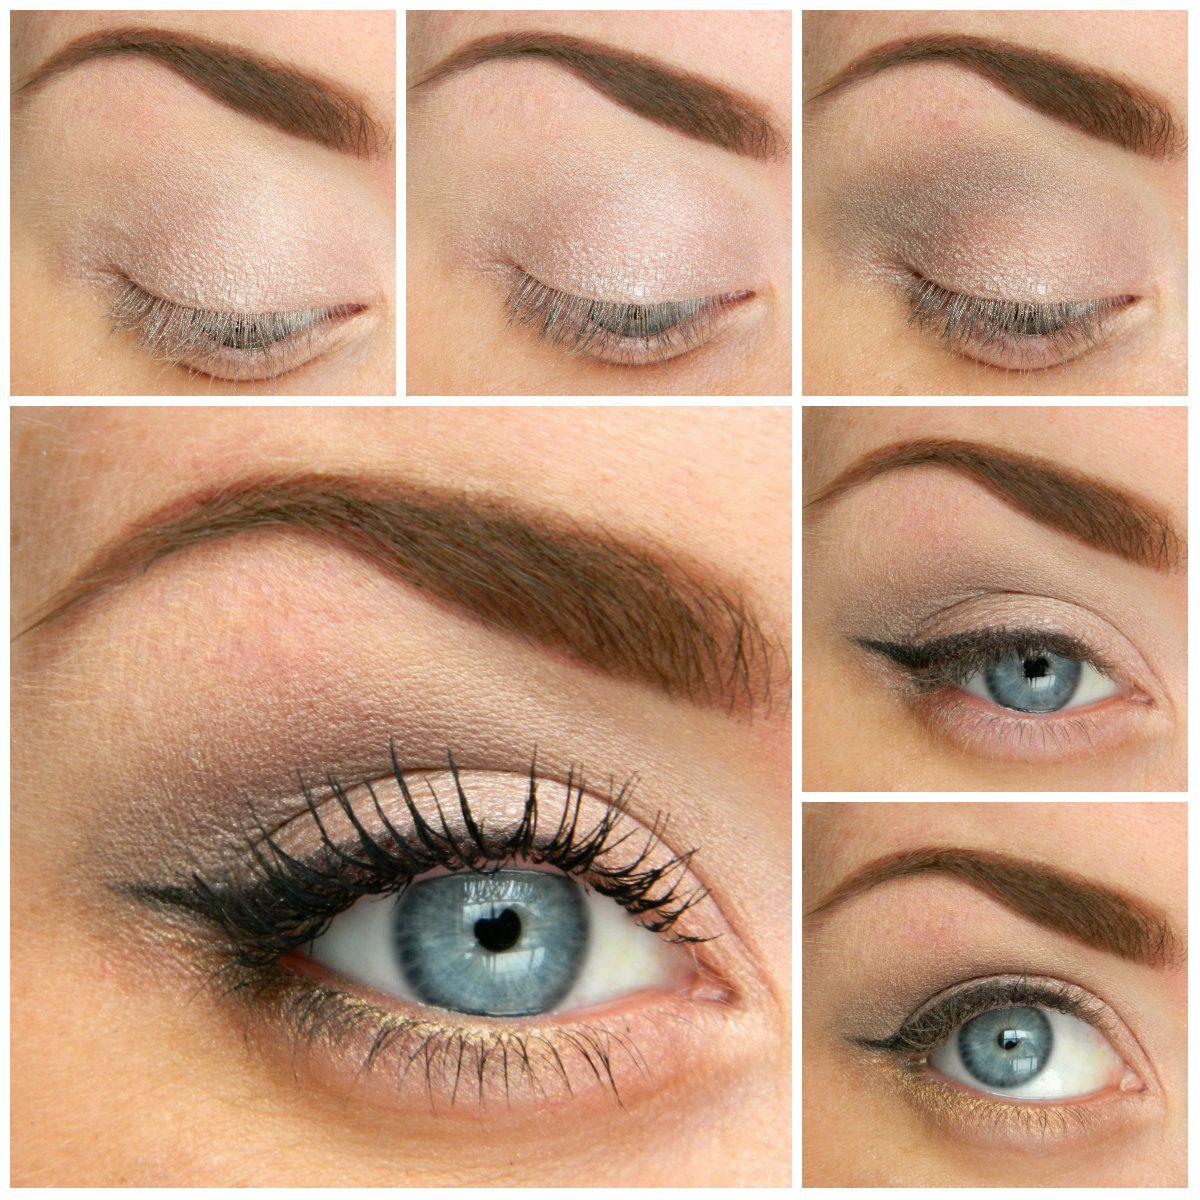 5 ways to make blue eyes pop with proper eye makeup | makeup | eye